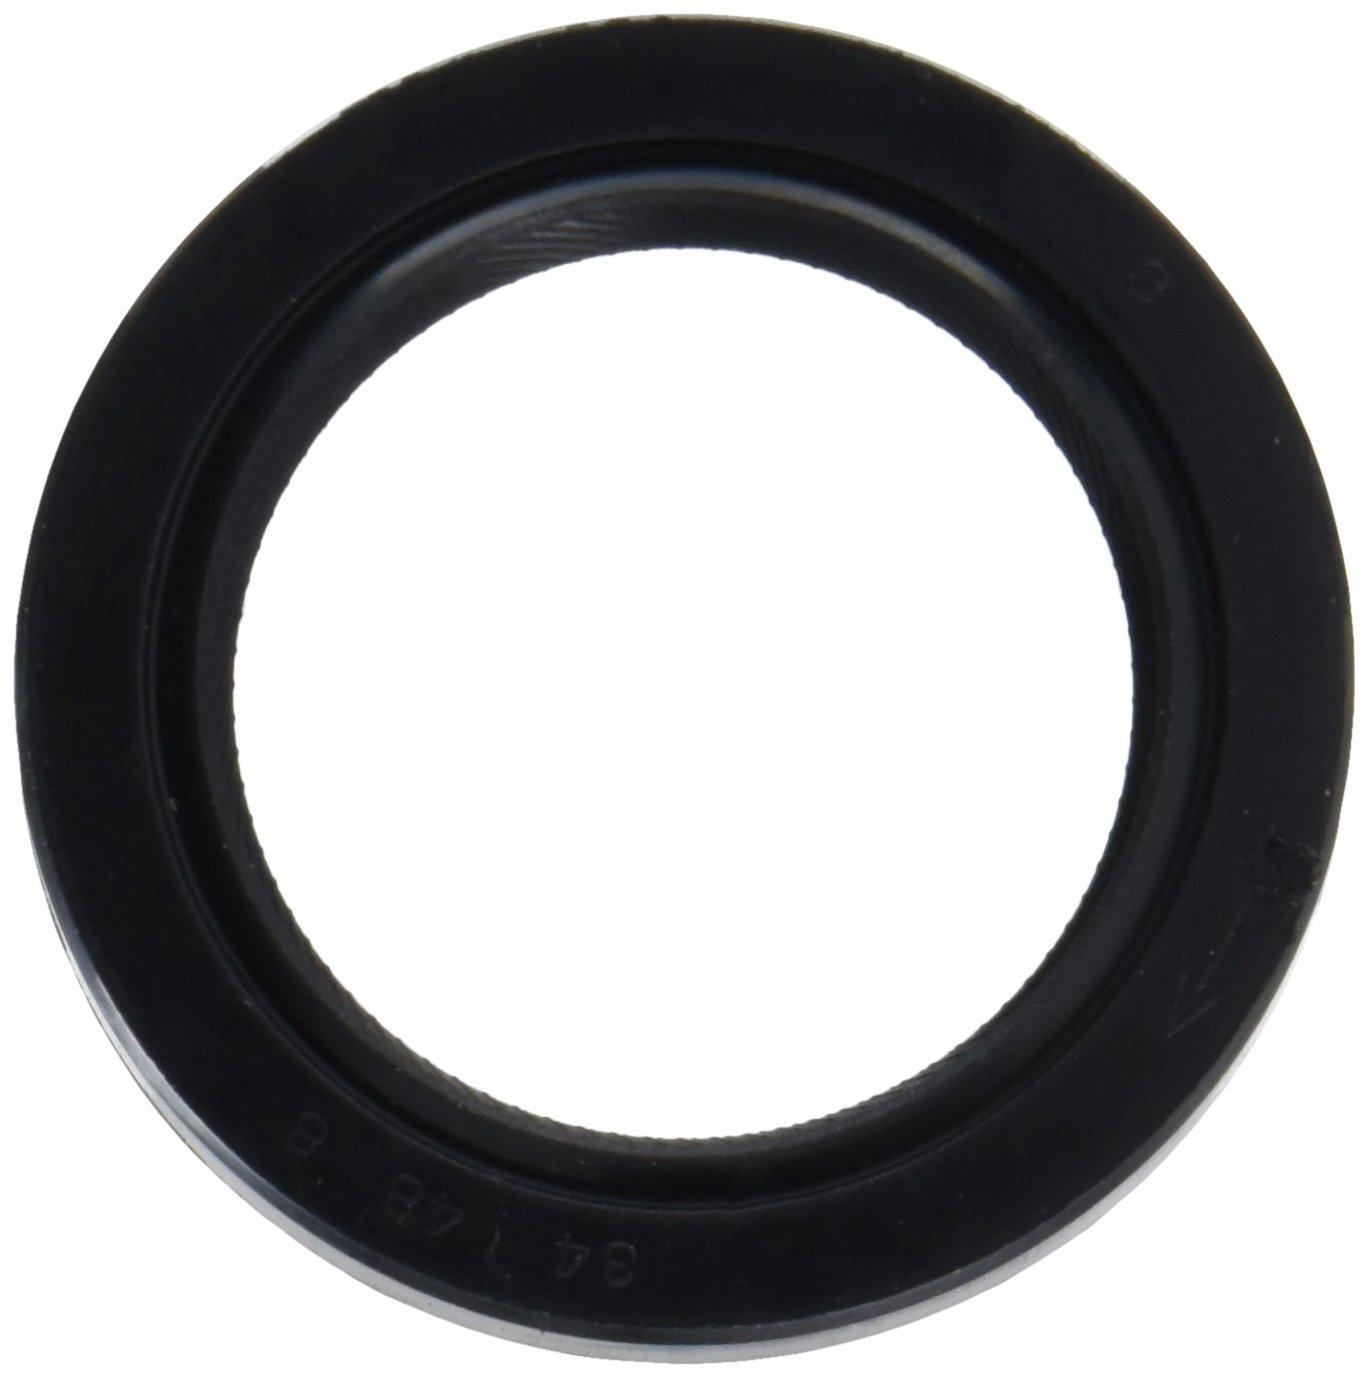 KP Camshaft Seal 1025AMZ8532